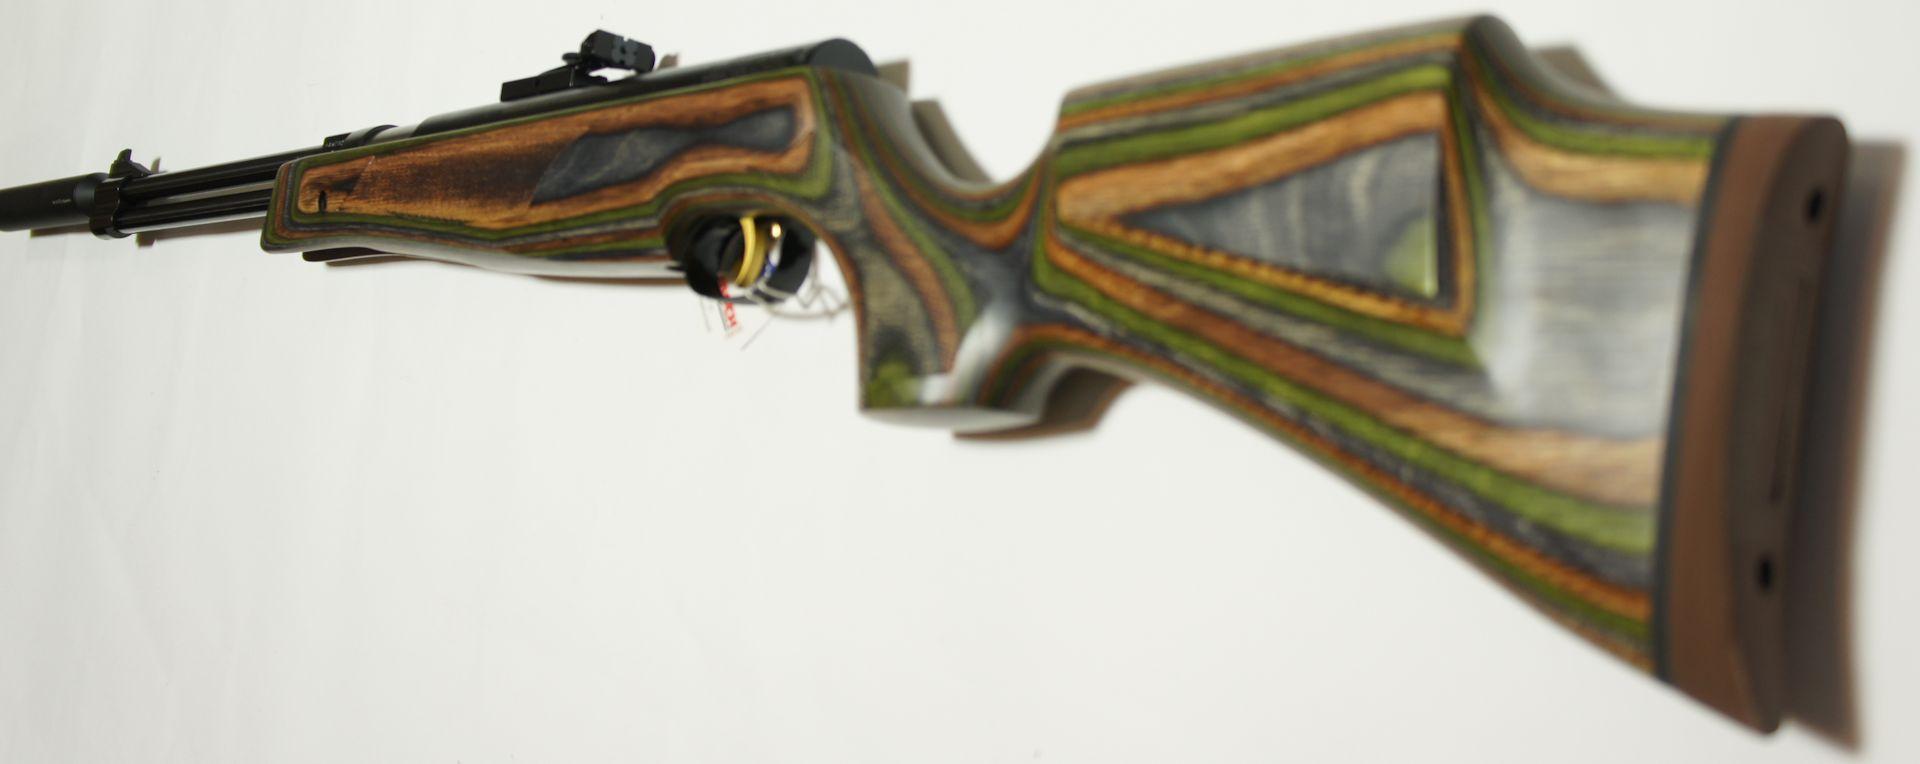 Beim beschriebenen Luftgewehr HW 77 K sd mit dem grünen 77er Schichtholzschaft sind beidseitig Schaftbacken vorhanden und der Schaftrücken für das Schießen für das Schießen über Kimme und Korn optimal. Die Schäftung ist für Sport- und Freizeitschützen konzipiert und auch für Linksschützen ist der Schaft gleichermaßen gut geeignet.